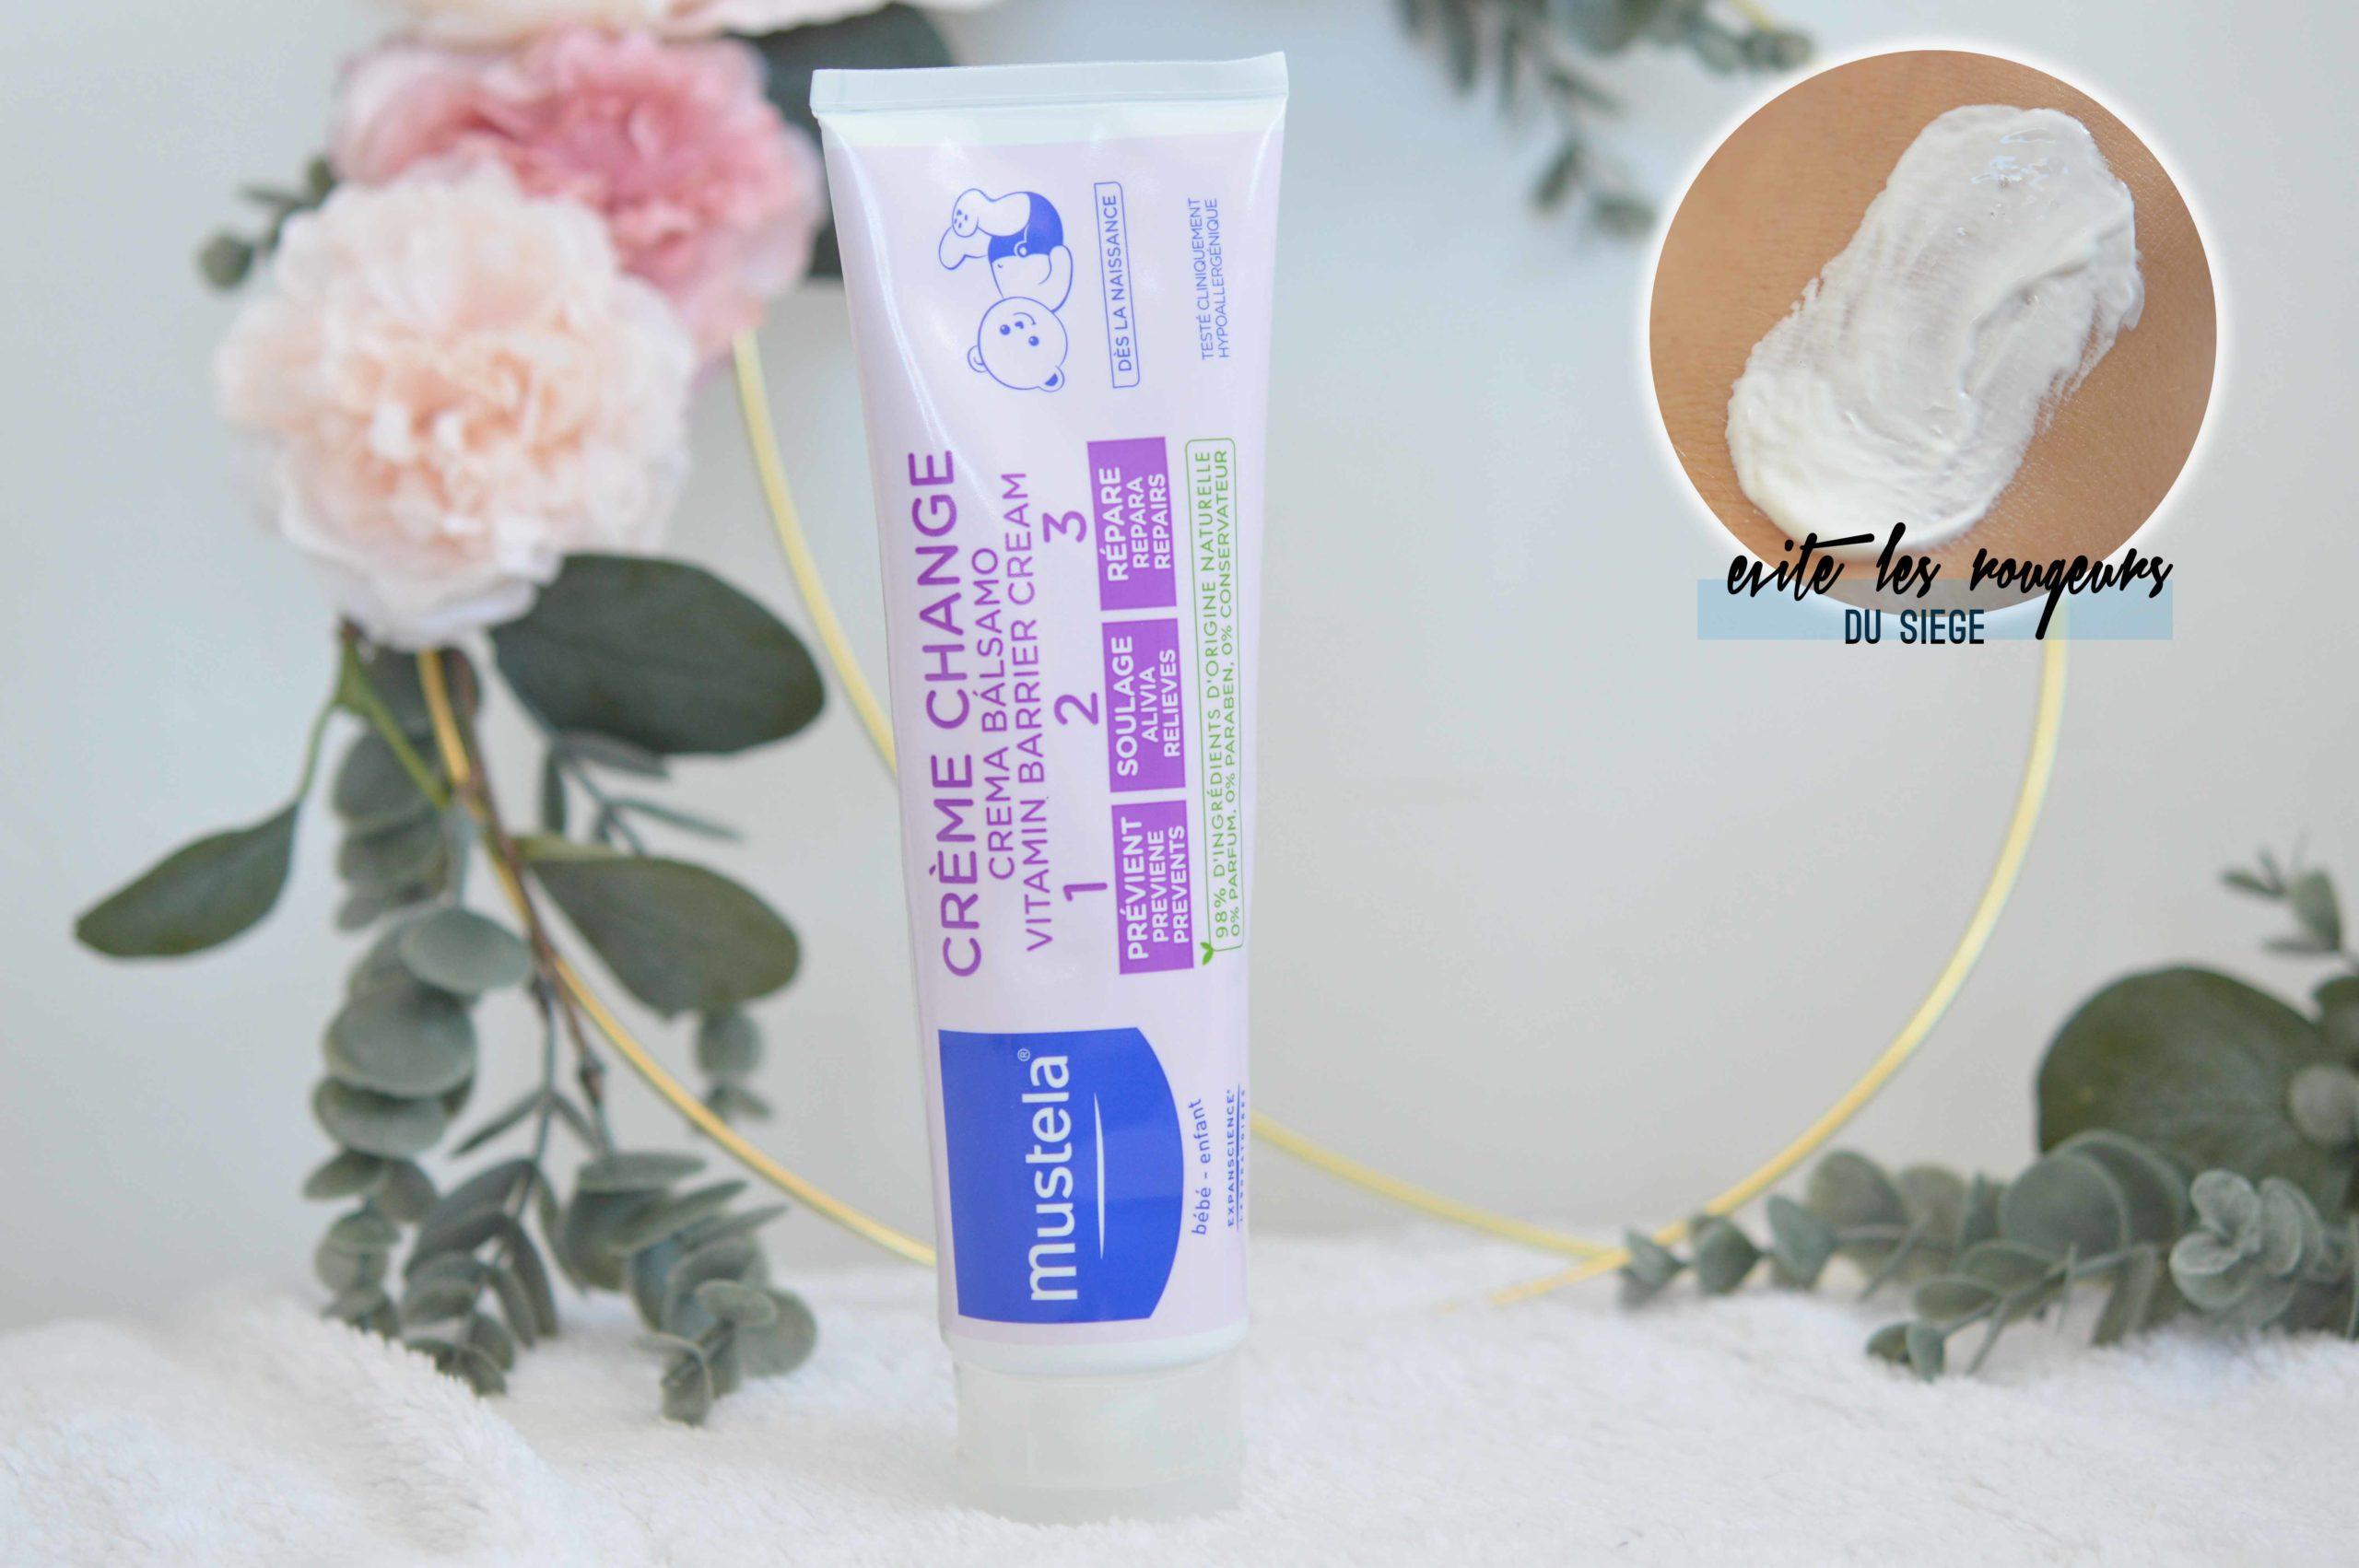 la crème pour le change Mustela ultra efficace contre les rougeurs du siège